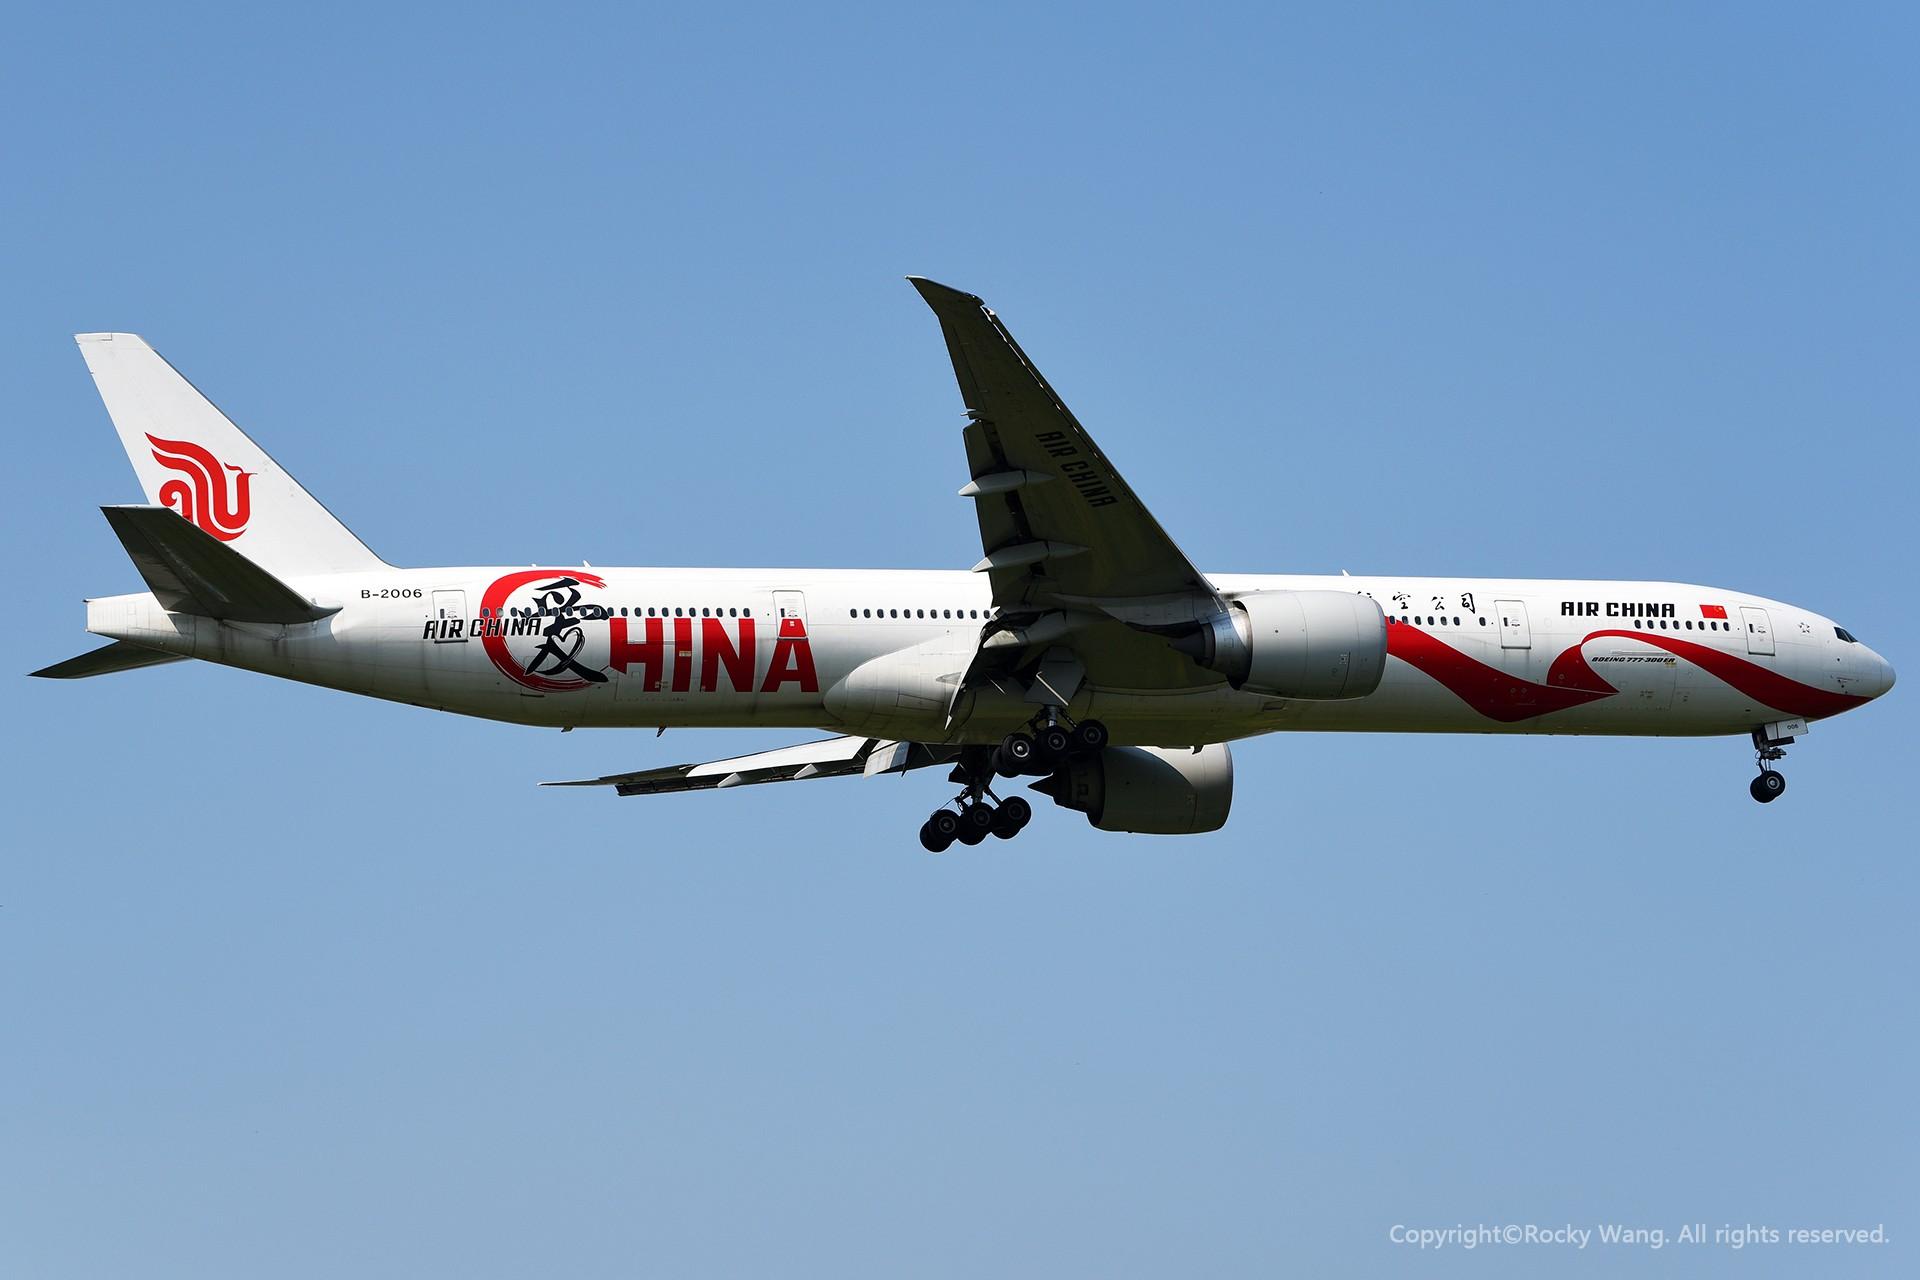 [原创]家 BOEING 777-300ER B-2006 加拿大蒙特利尔特鲁多机场